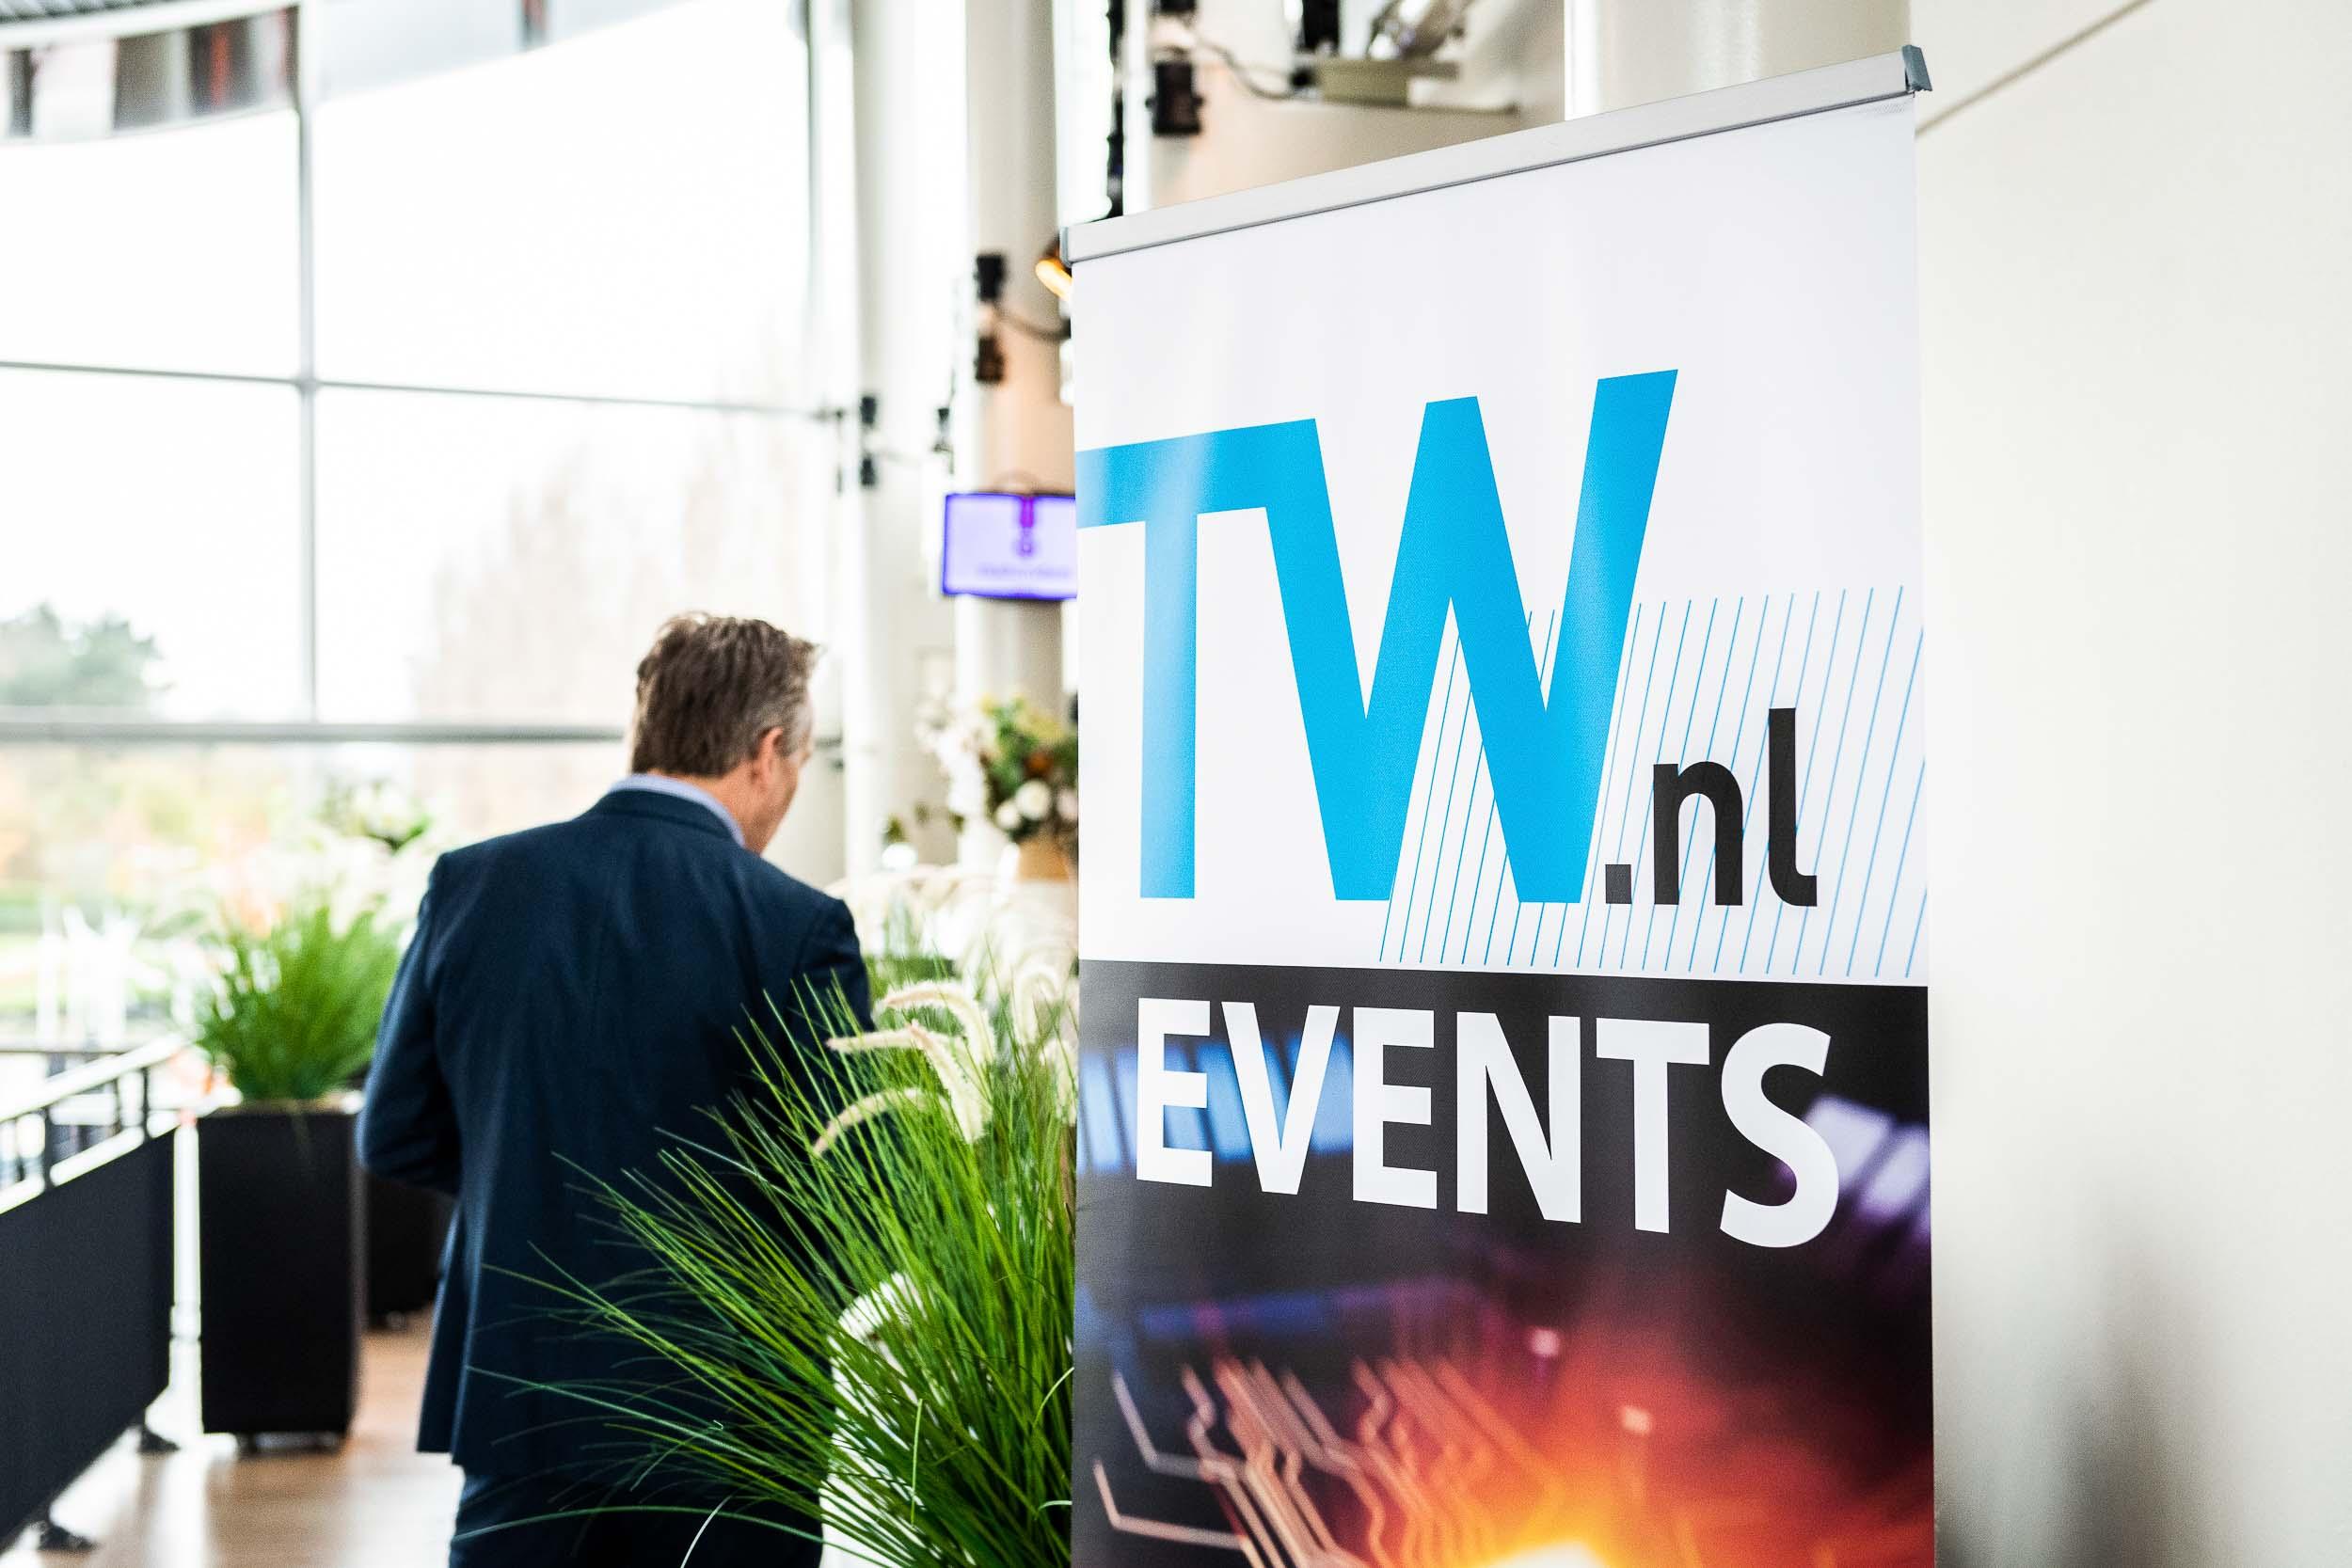 Bedrijfsevent reportage - Maritiem Nederland - Sfeerbeeld - Ingenieurs in Energietransitie